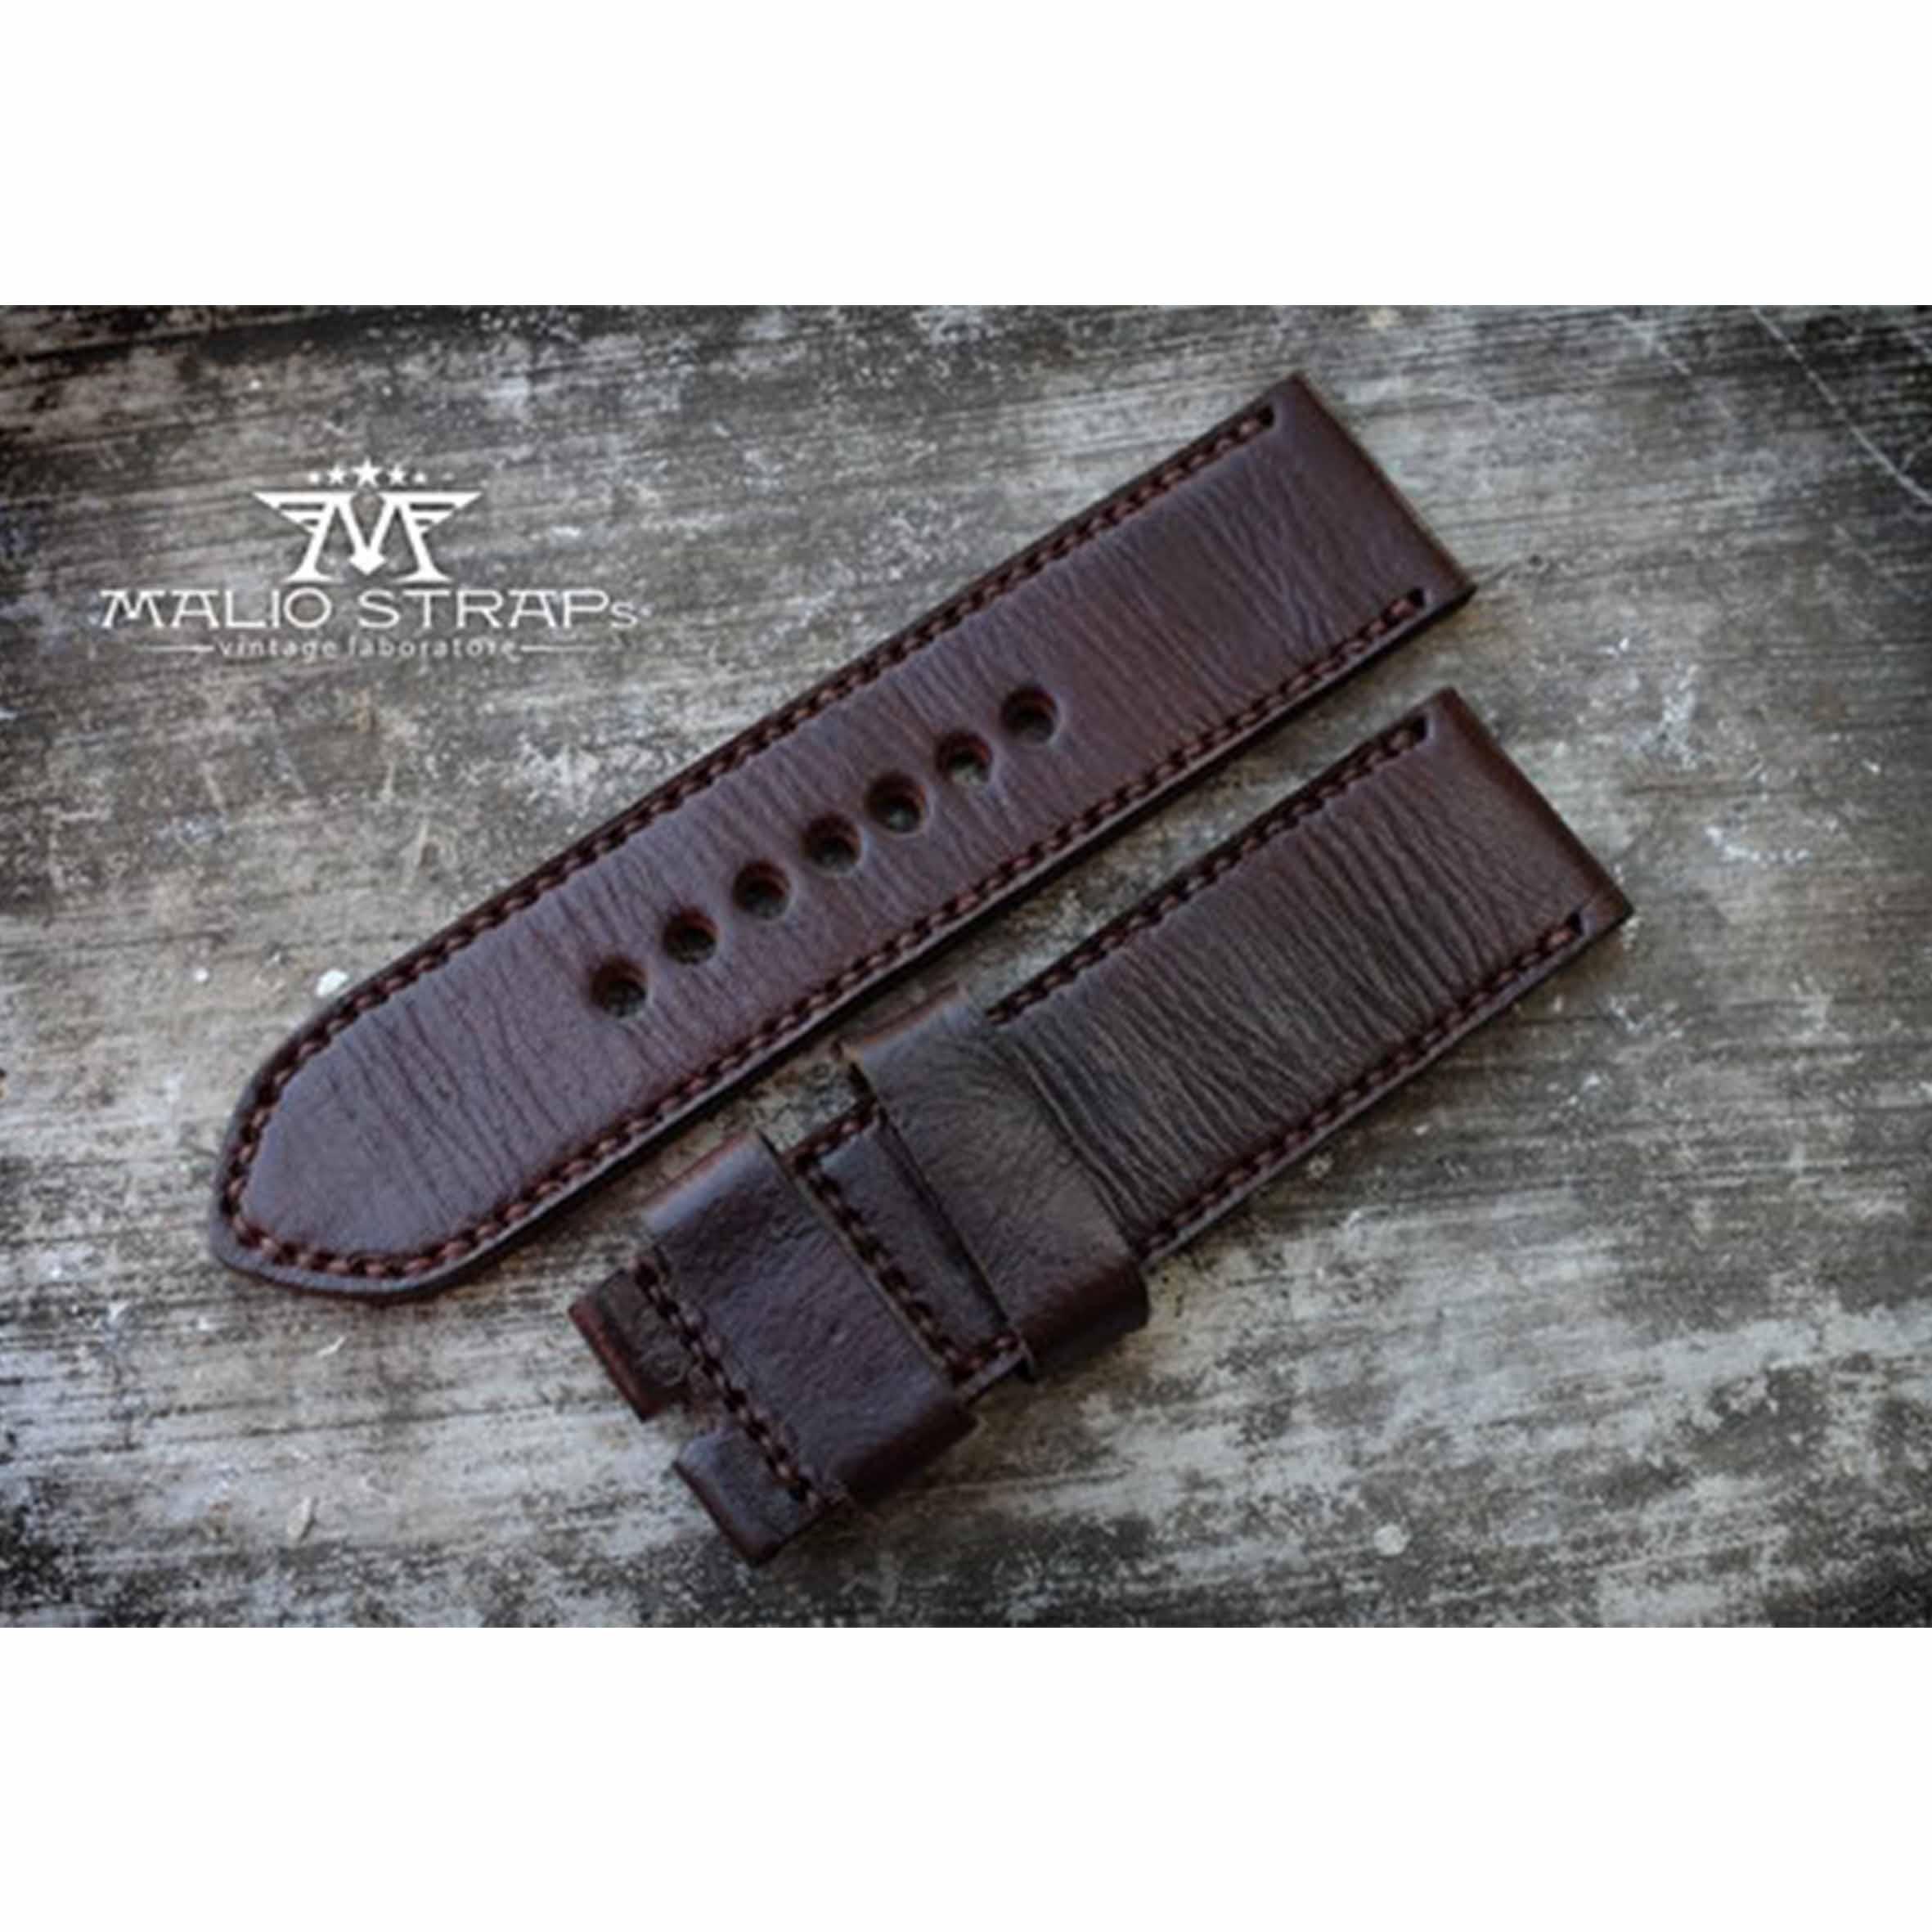 malio-straps-cioccolato-strapsonly (1)